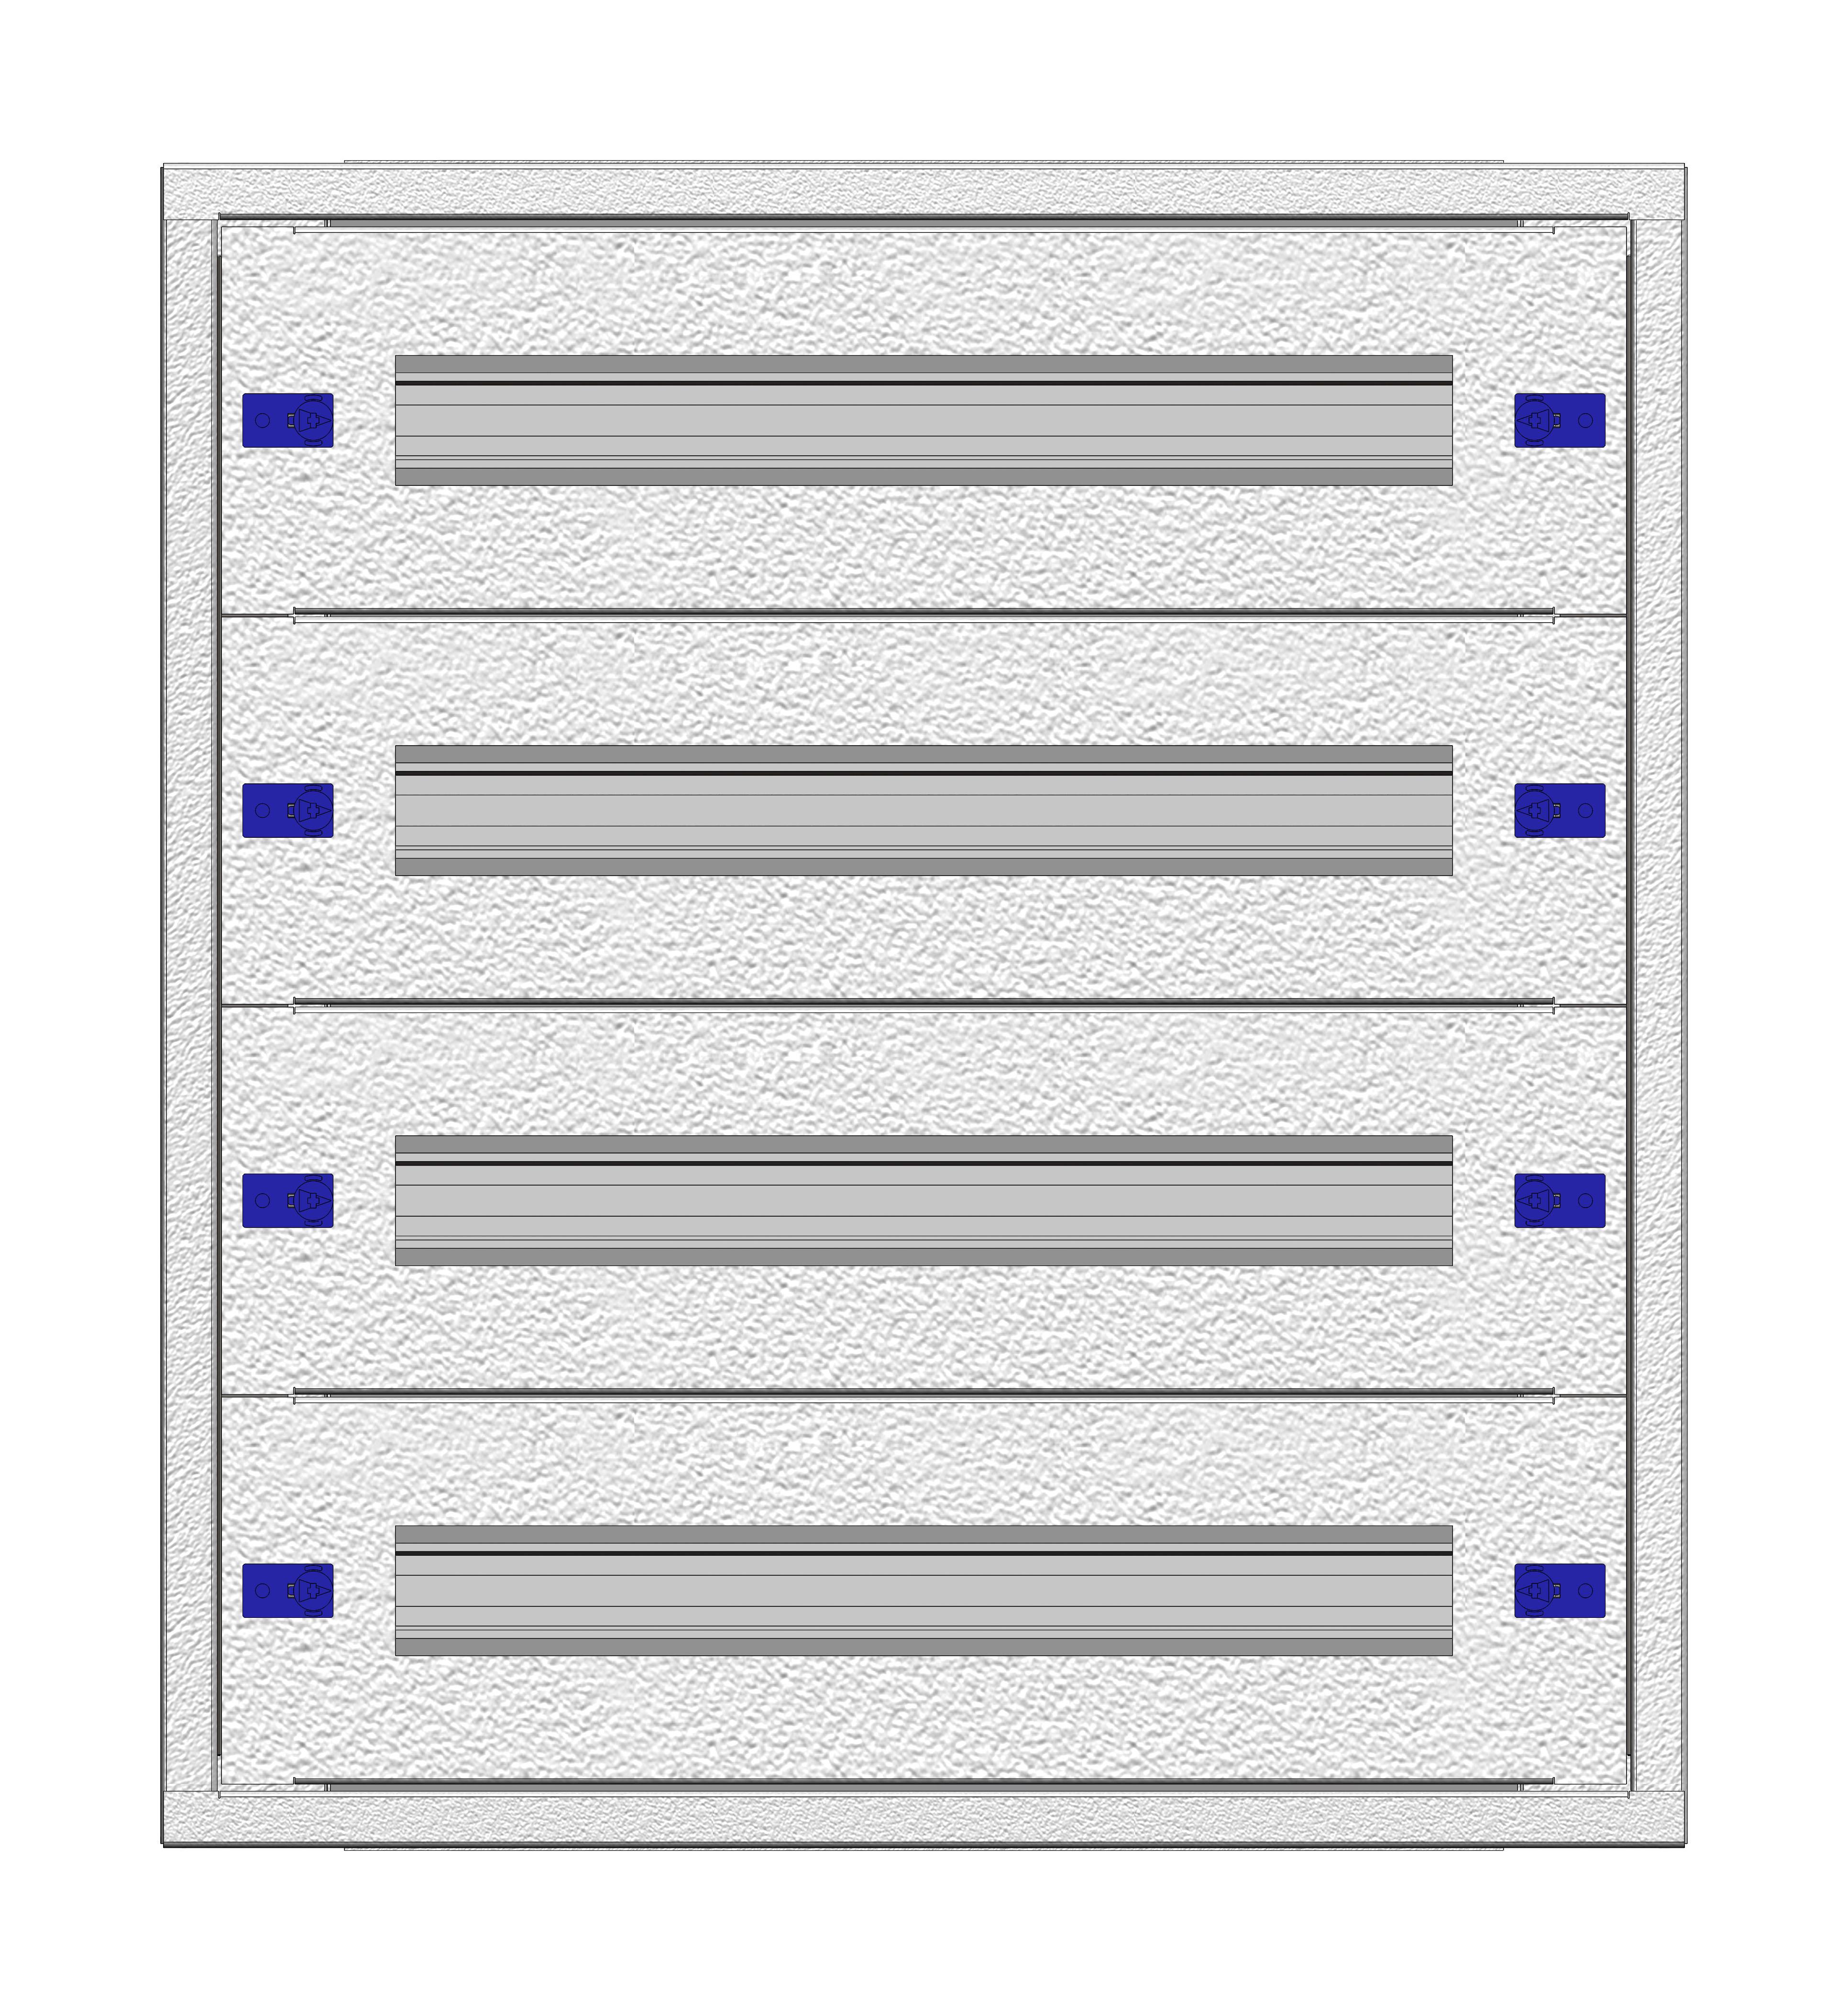 1 Stk Installationsverteiler Einsatz 2-12L, 4-reihig, Kunststoff IL149212--